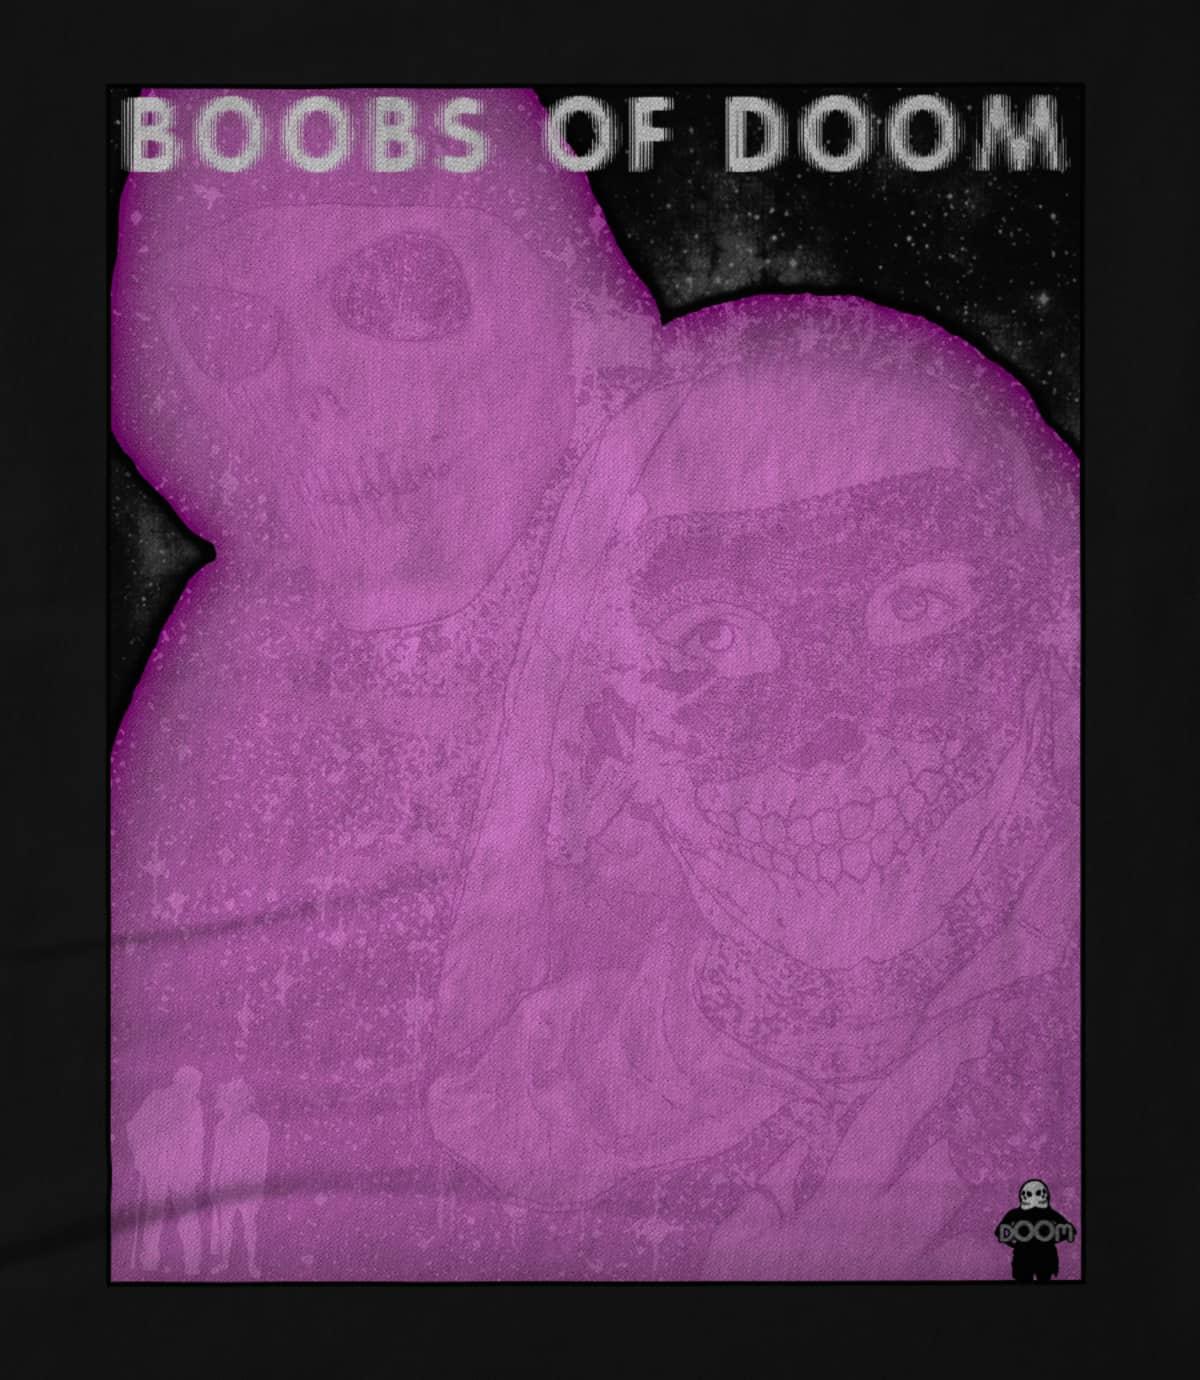 Boobs of DOOM